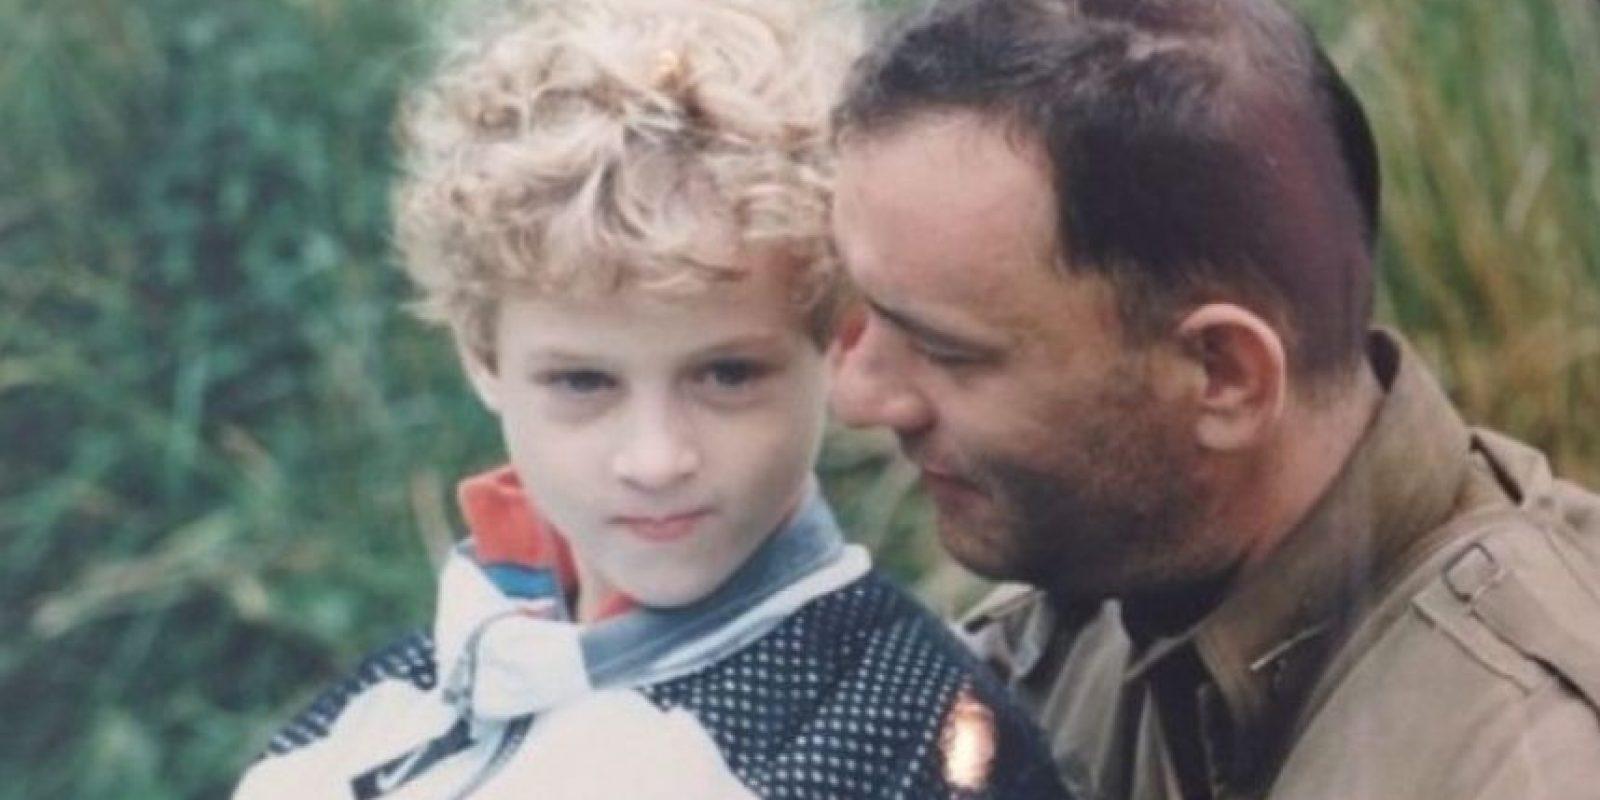 Chester es el tercer hijo de Tom Hanks. Foto: Instagram/chethanx